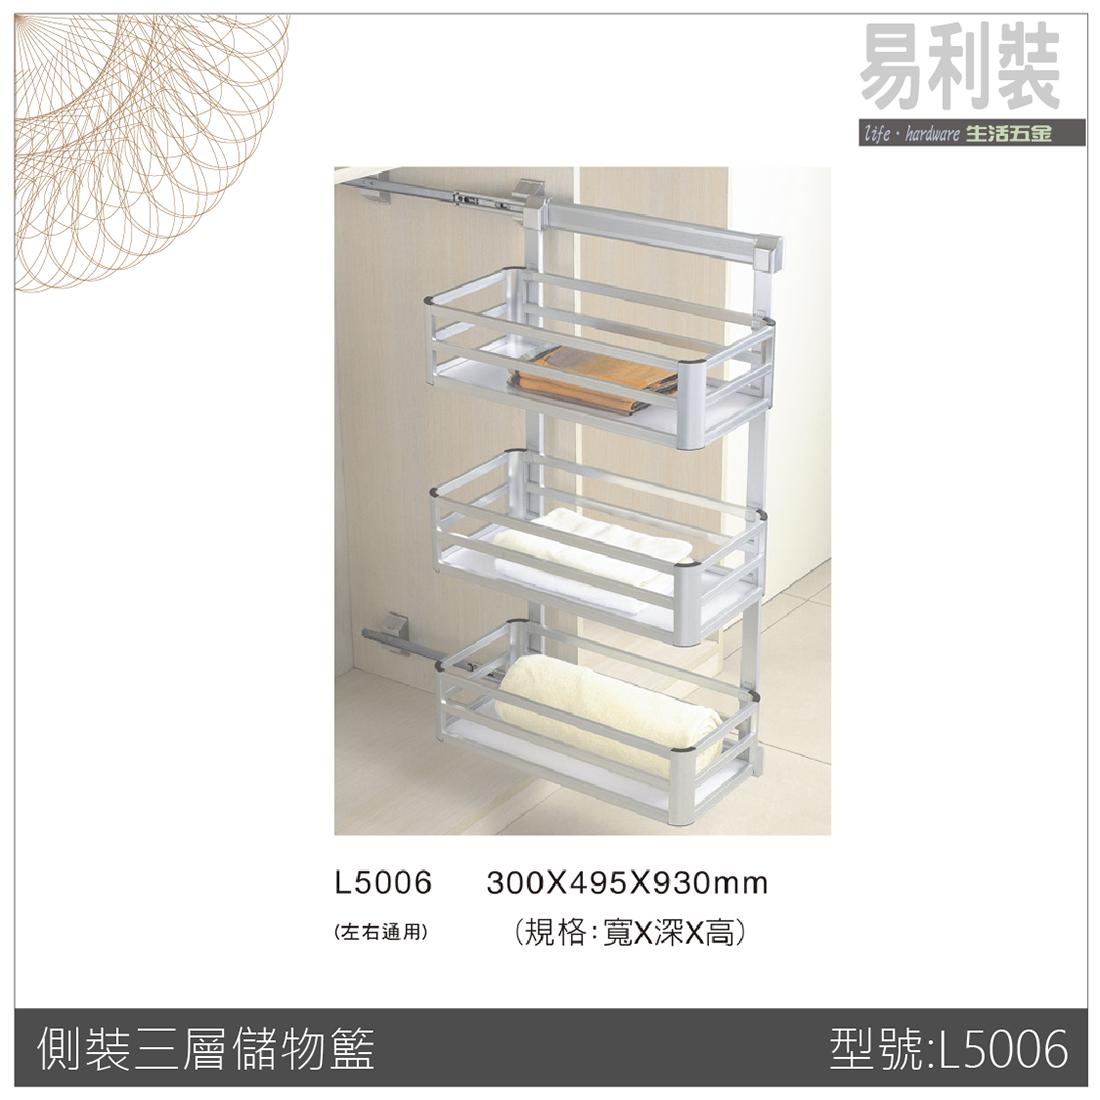 【 EASYCAN  】L5006 側裝三層儲物籃 易利裝生活五金 房間 臥房 客廳 小資族 辦公家具 系統家具 - 限時優惠好康折扣